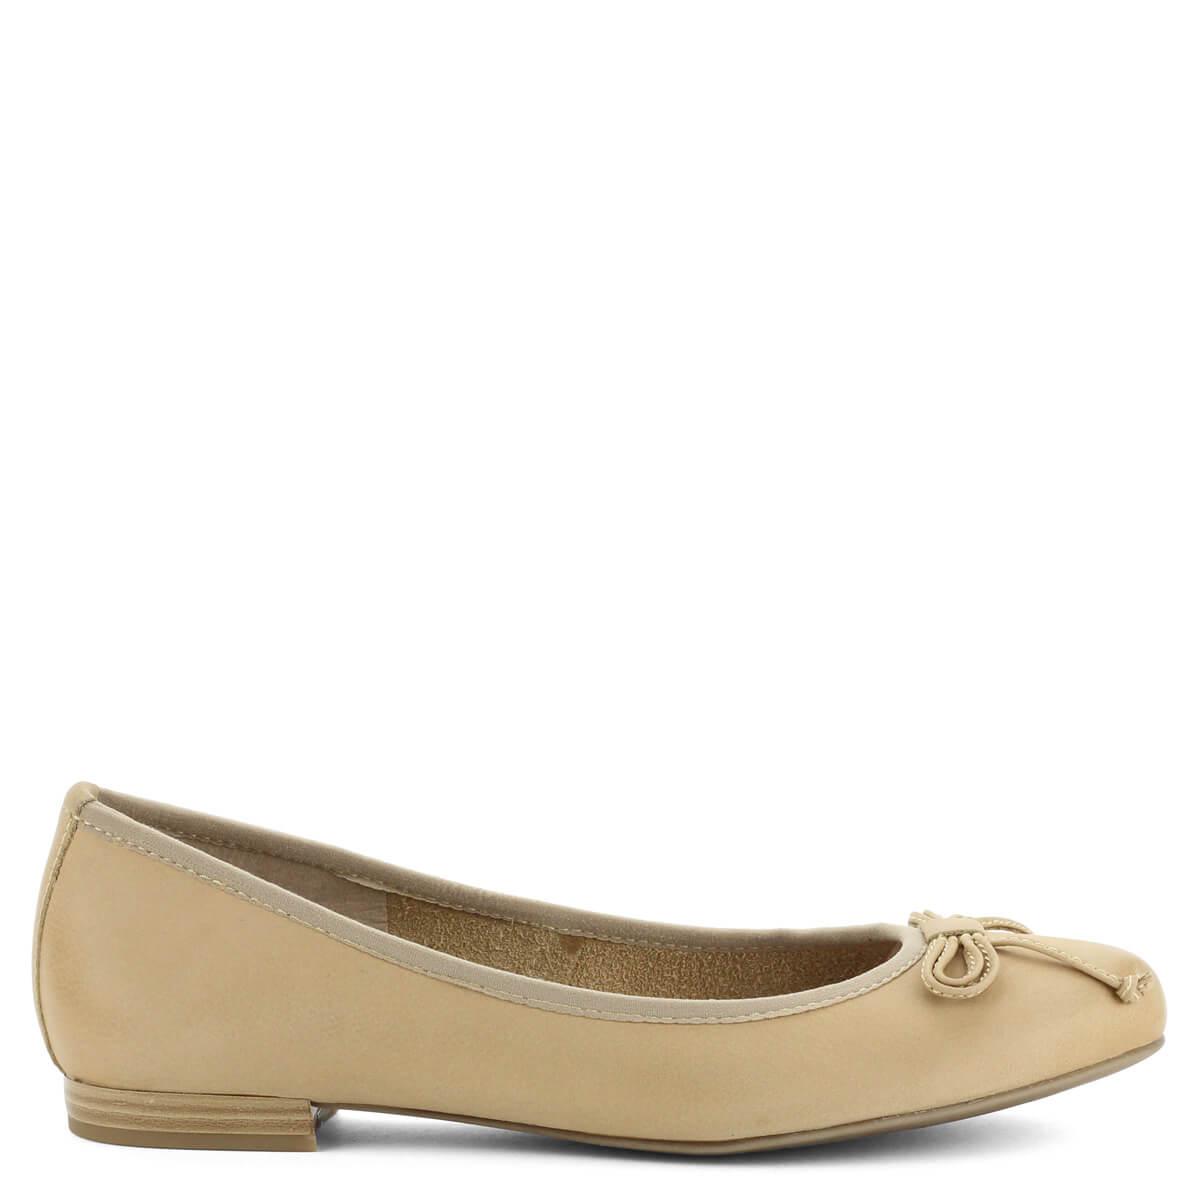 Világos színű Marco Tozzi balerina cipő bőr felsőrésszel 9786655cc7